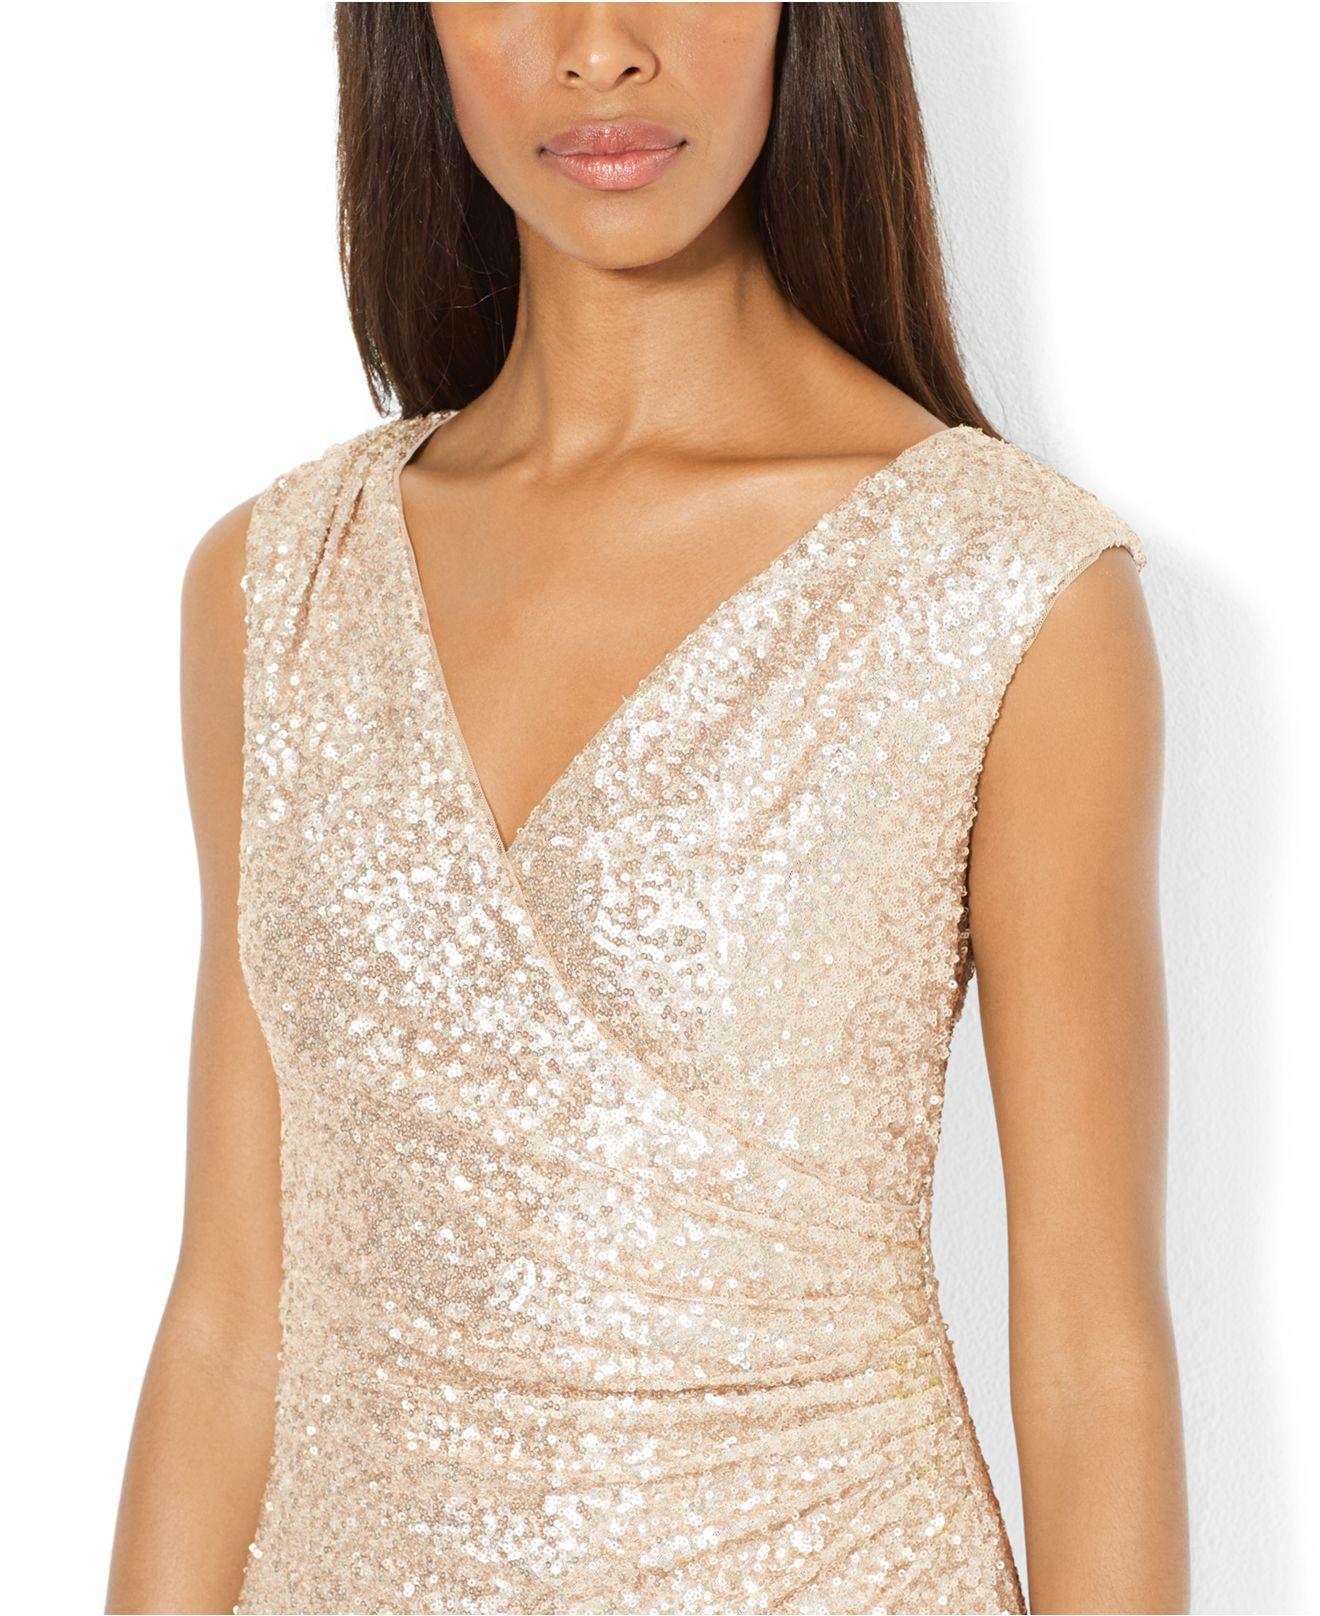 Lyst - Lauren By Ralph Lauren Surplice-Neck Sequined Gown in Pink